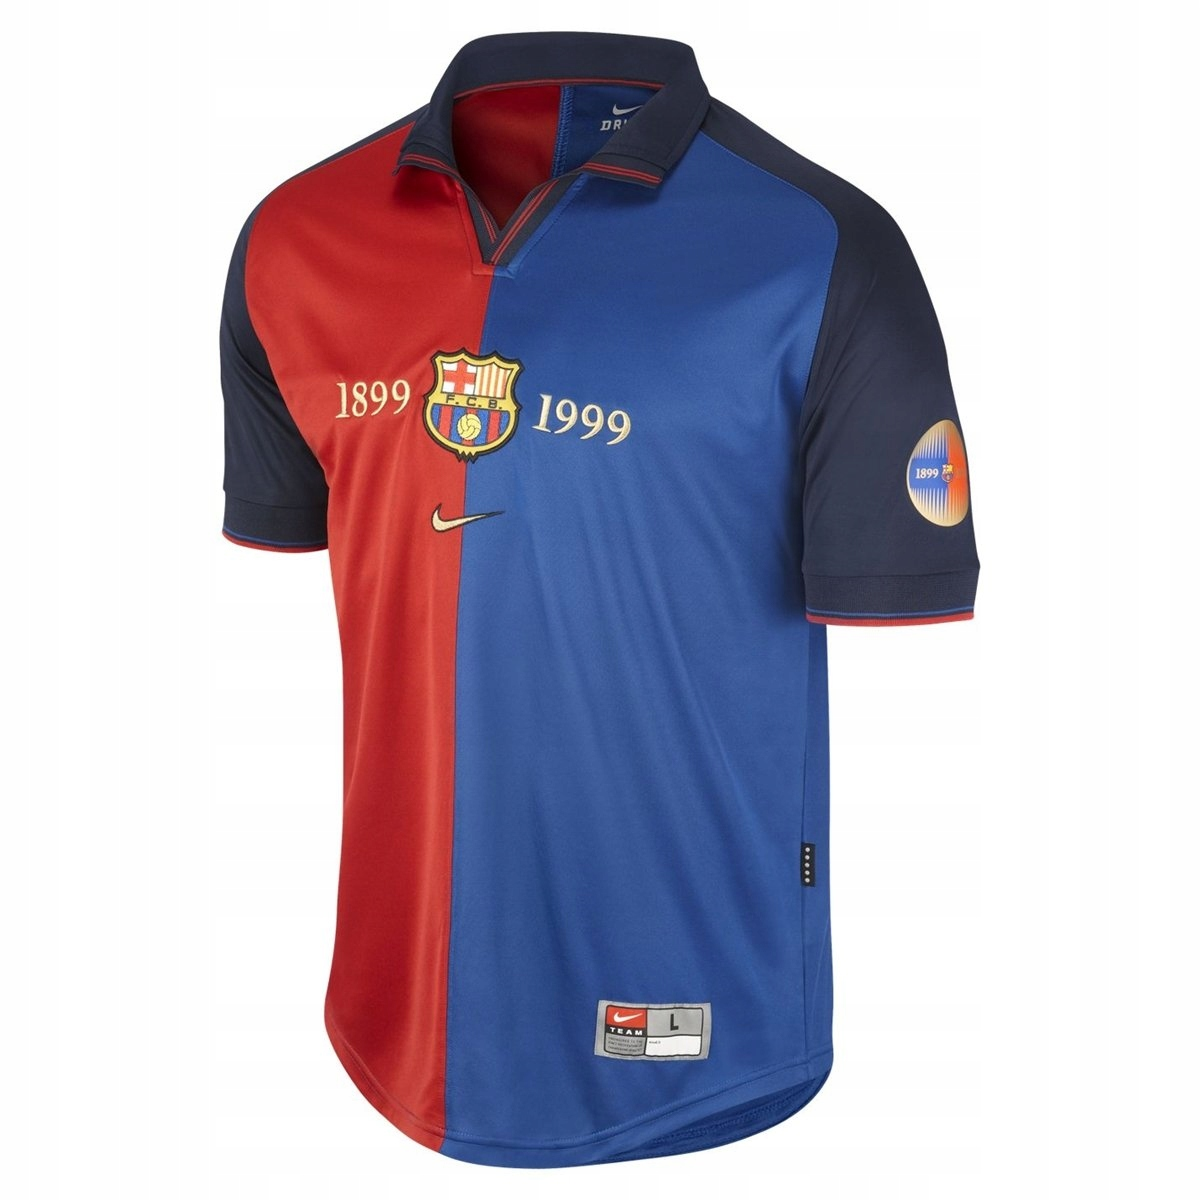 T-tričko FC BARCELONA 1899/1999 Storočia RETRO rokov.L